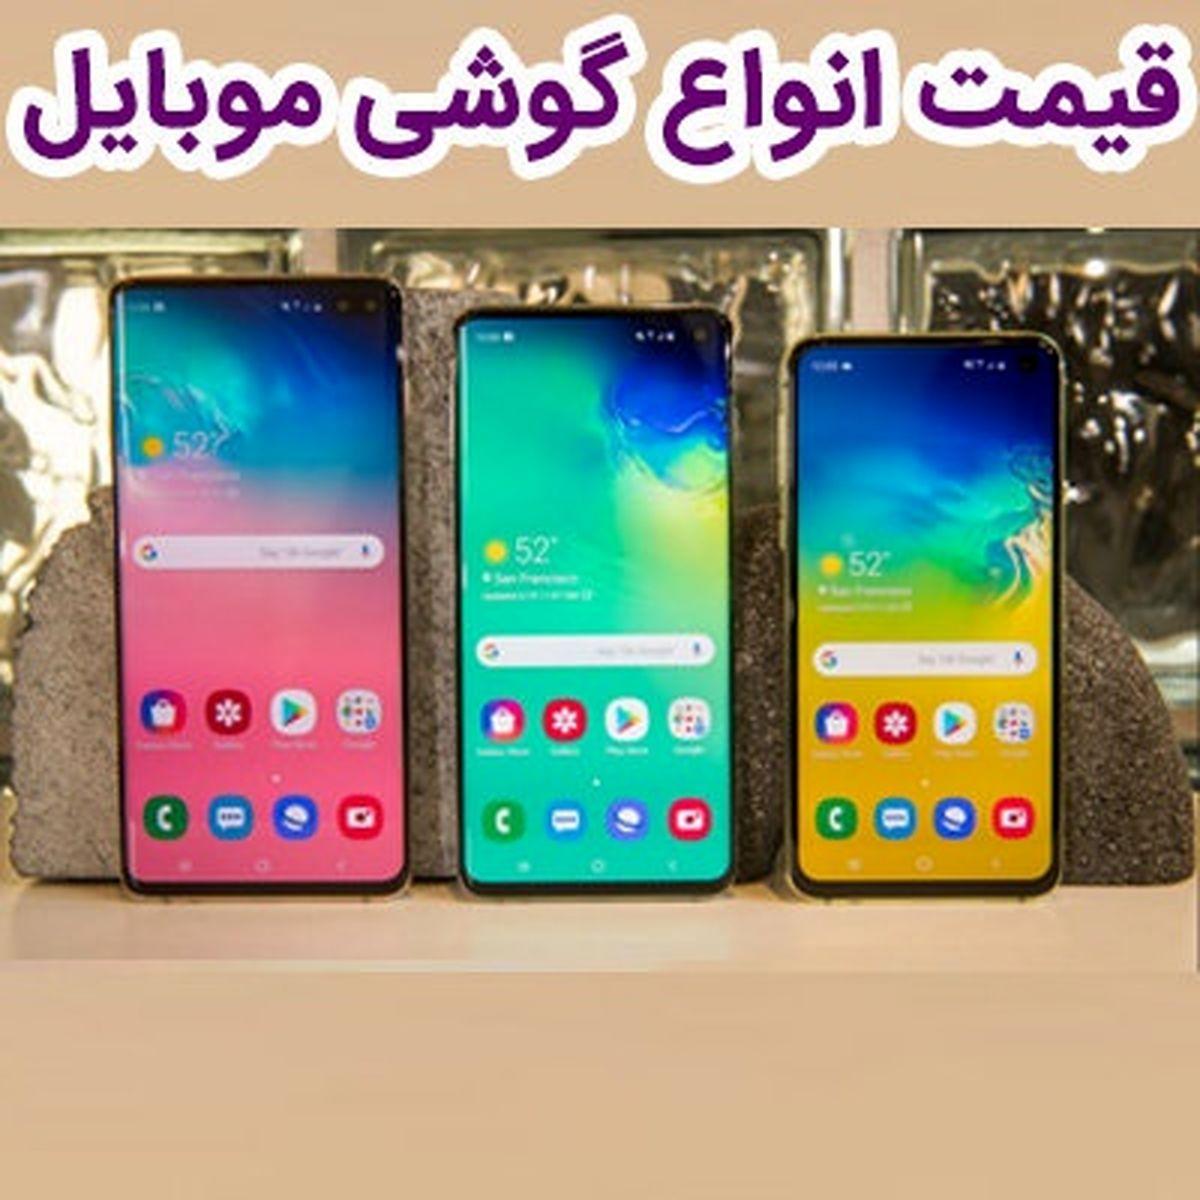 قیمت روز گوشی موبایل پنجشنبه  ۱۵ اسفند+ جدول